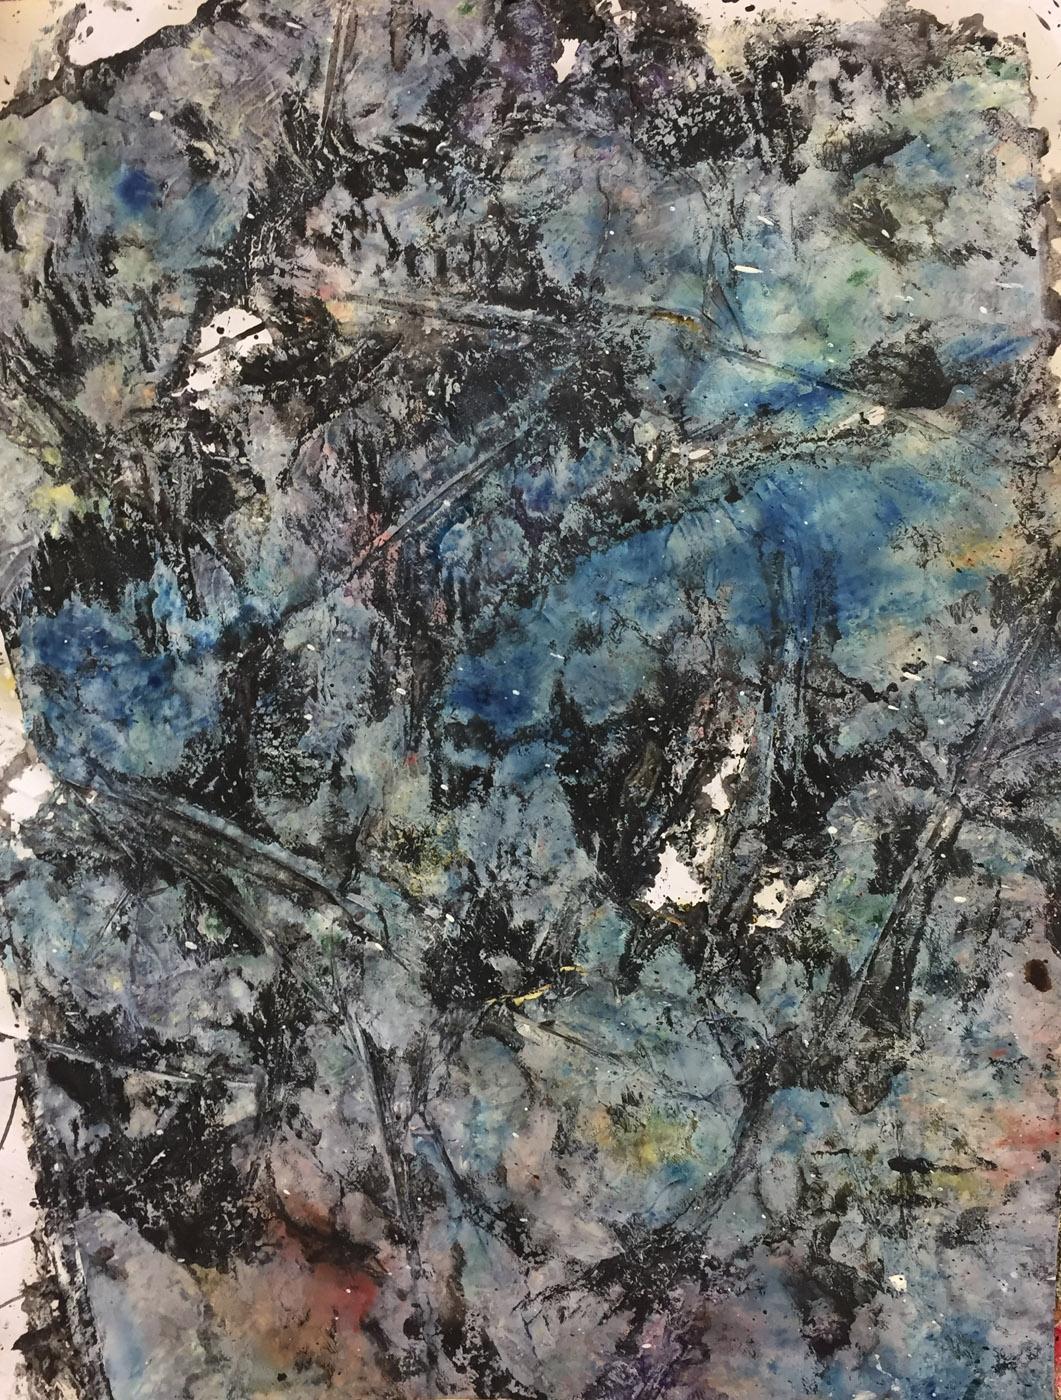 MARC FELD 2020 ROCHE Huile, acrylique et gouache sur papier 50 x 65 cm